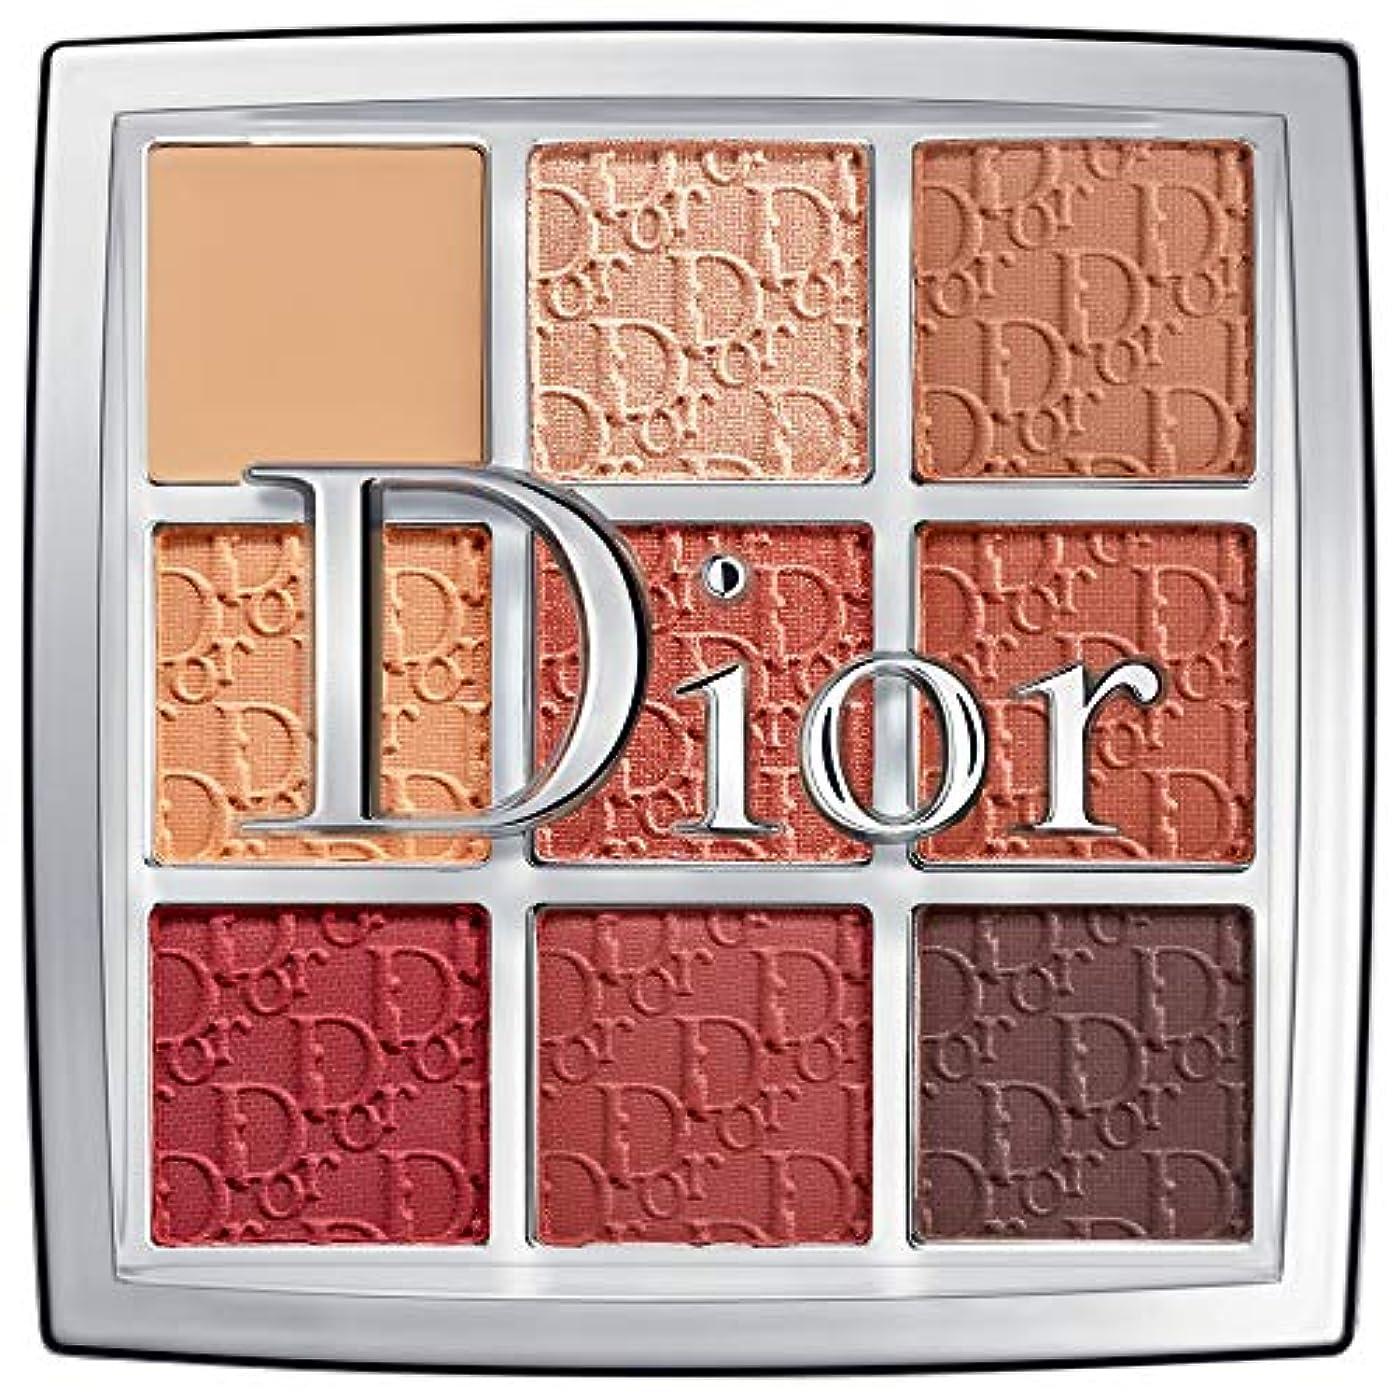 思いつく親指おなかがすいた【 国内正規品 】Dior ディオール バックステージ アイ パレット #003 アンバー 10g (アシャドウ)